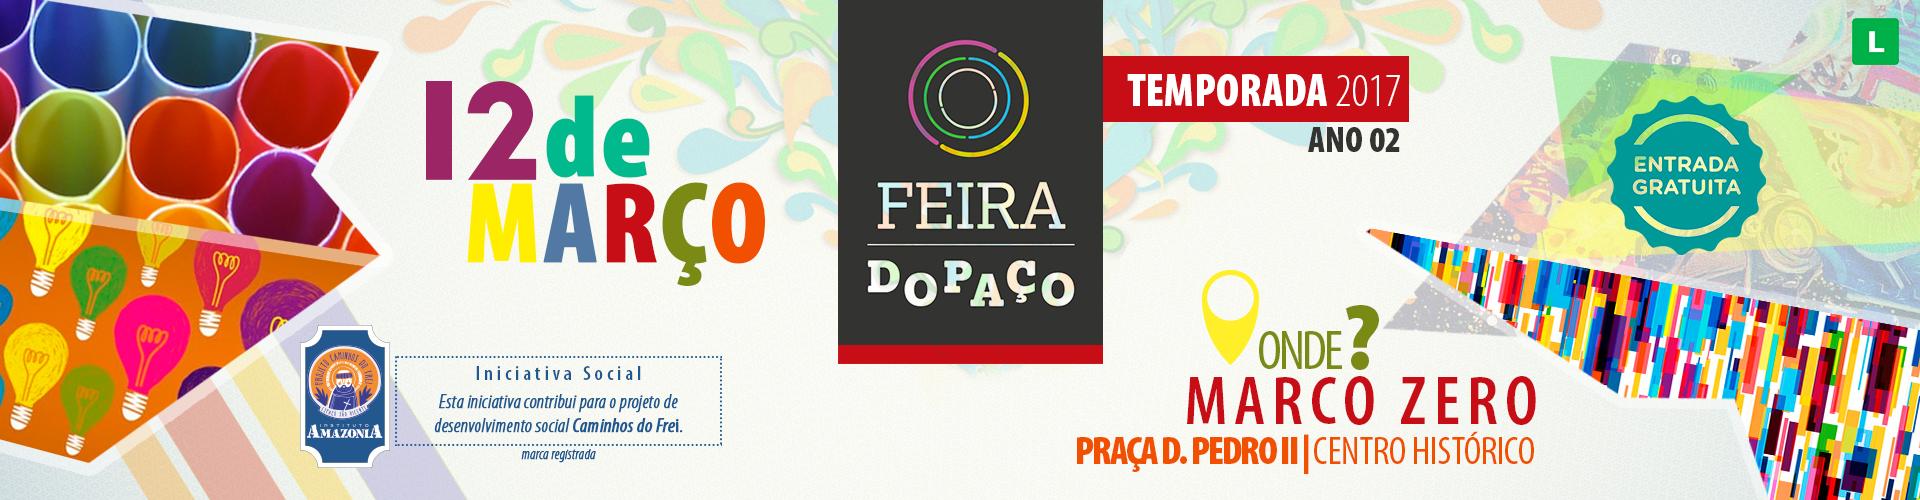 OFICIAL - Banner Promocional Site - Feira do Paço - Divulgavao_ Edicao 01 - Temporada 02